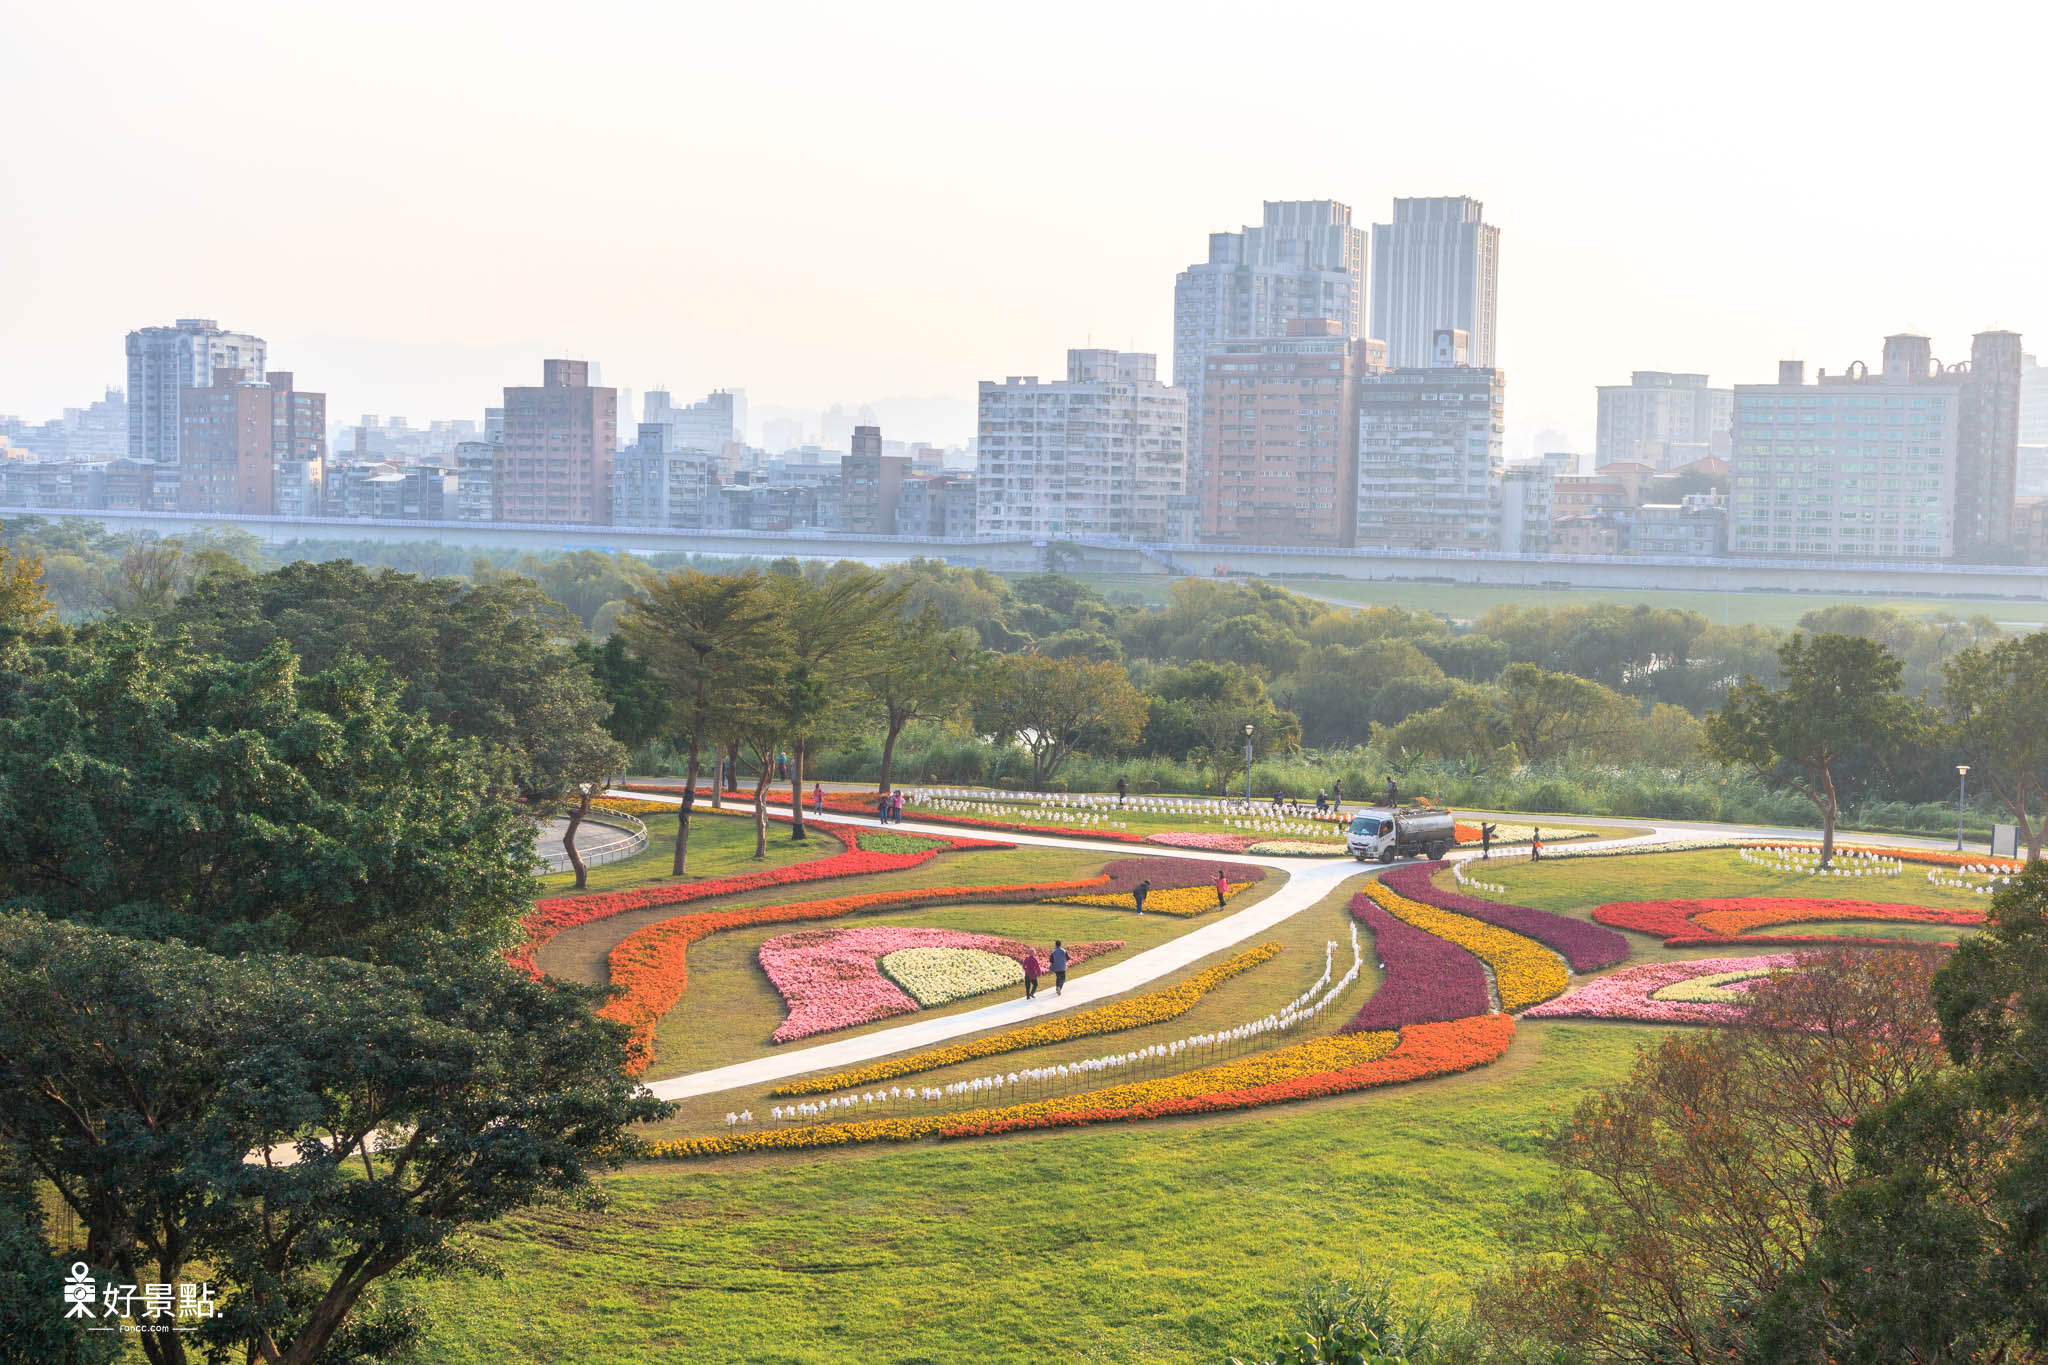 |台北。中正|古亭河濱公園花海綻放-城市中的浪漫花海美景